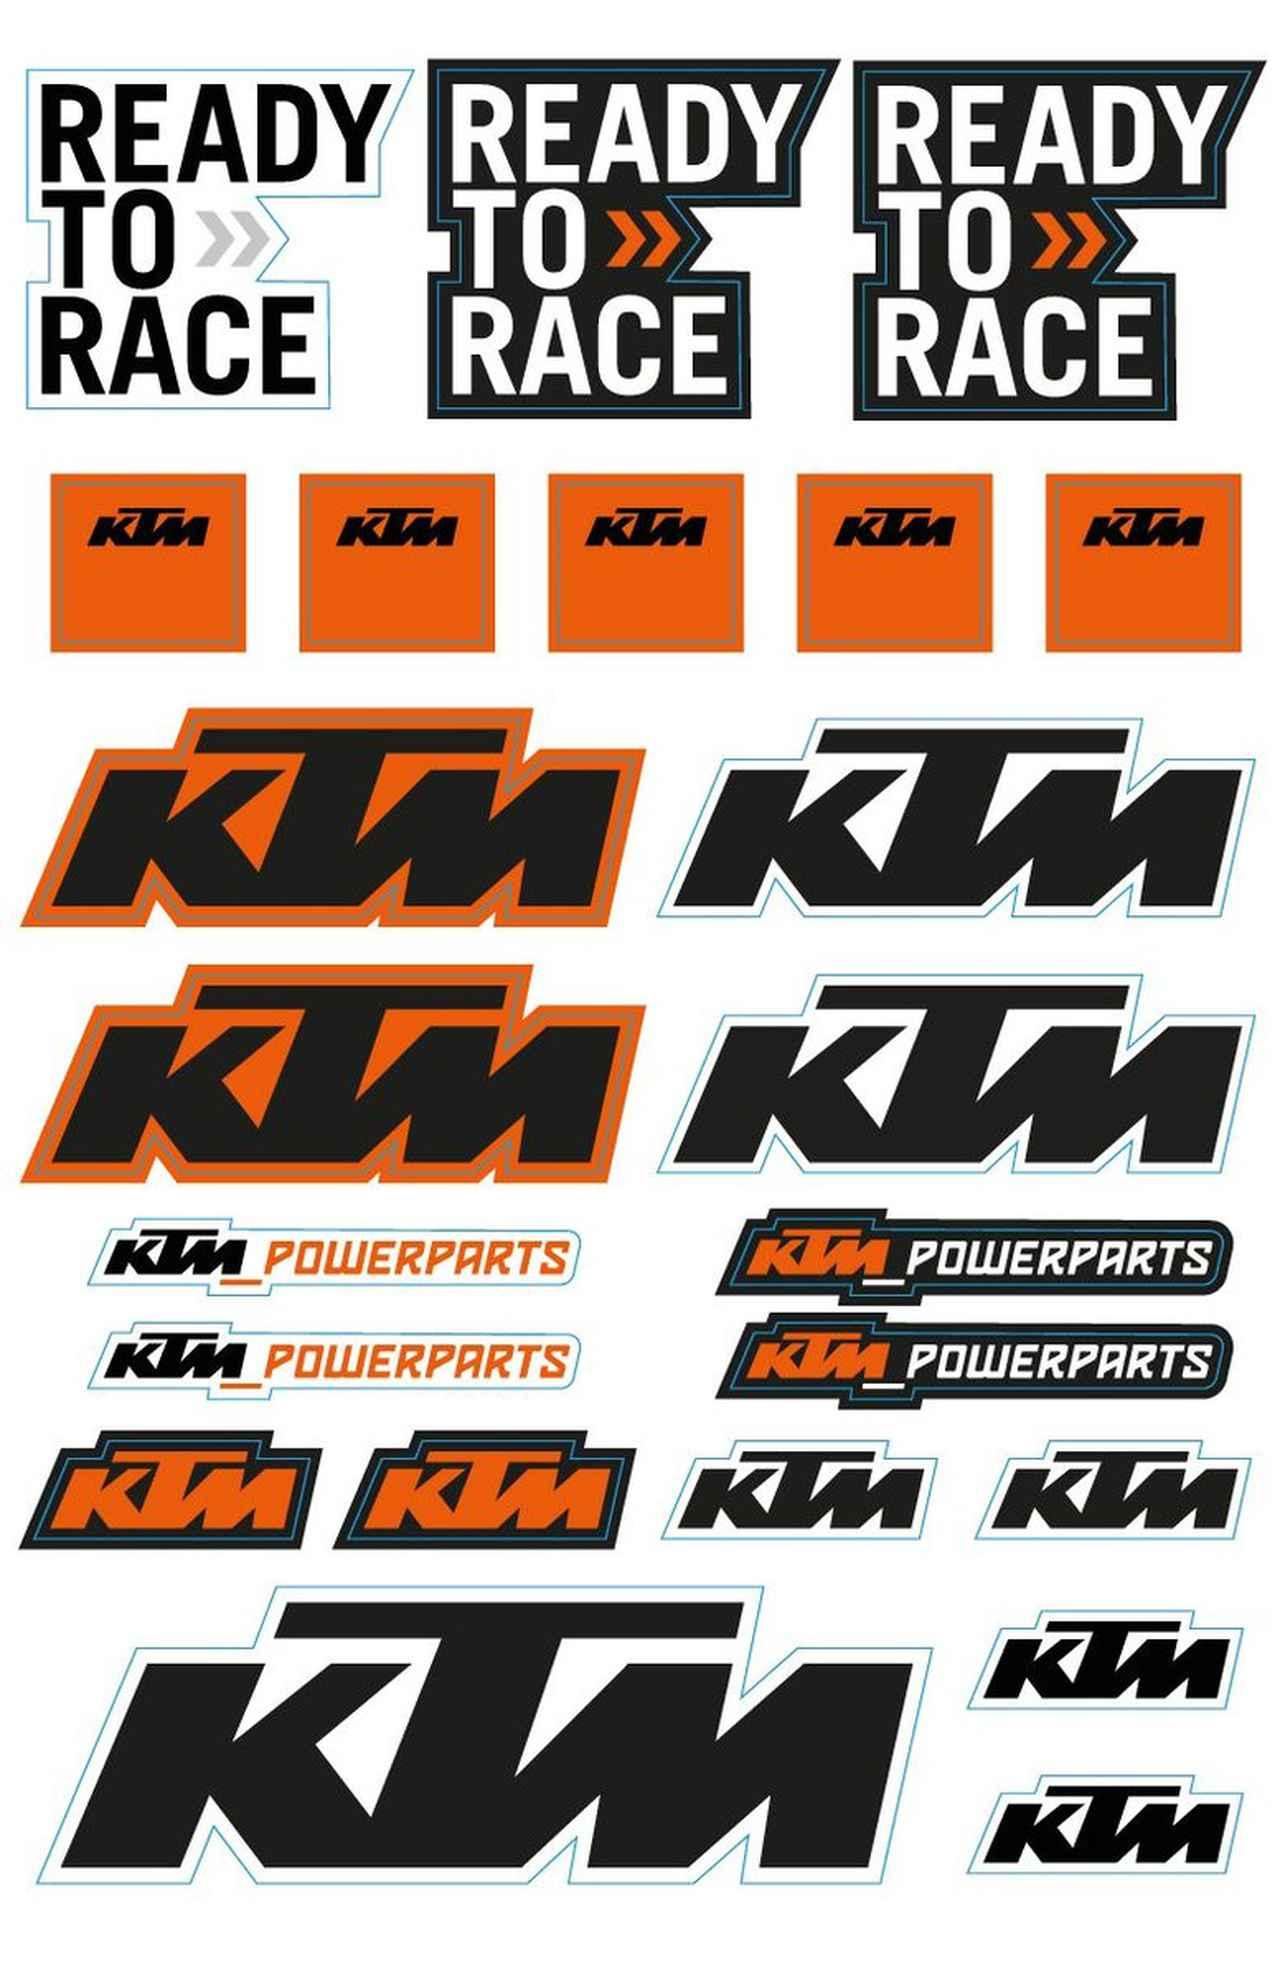 普通自動二輪免許でもOK、KTMアドベンチャーを試乗してオリジナルグッズをもらおう